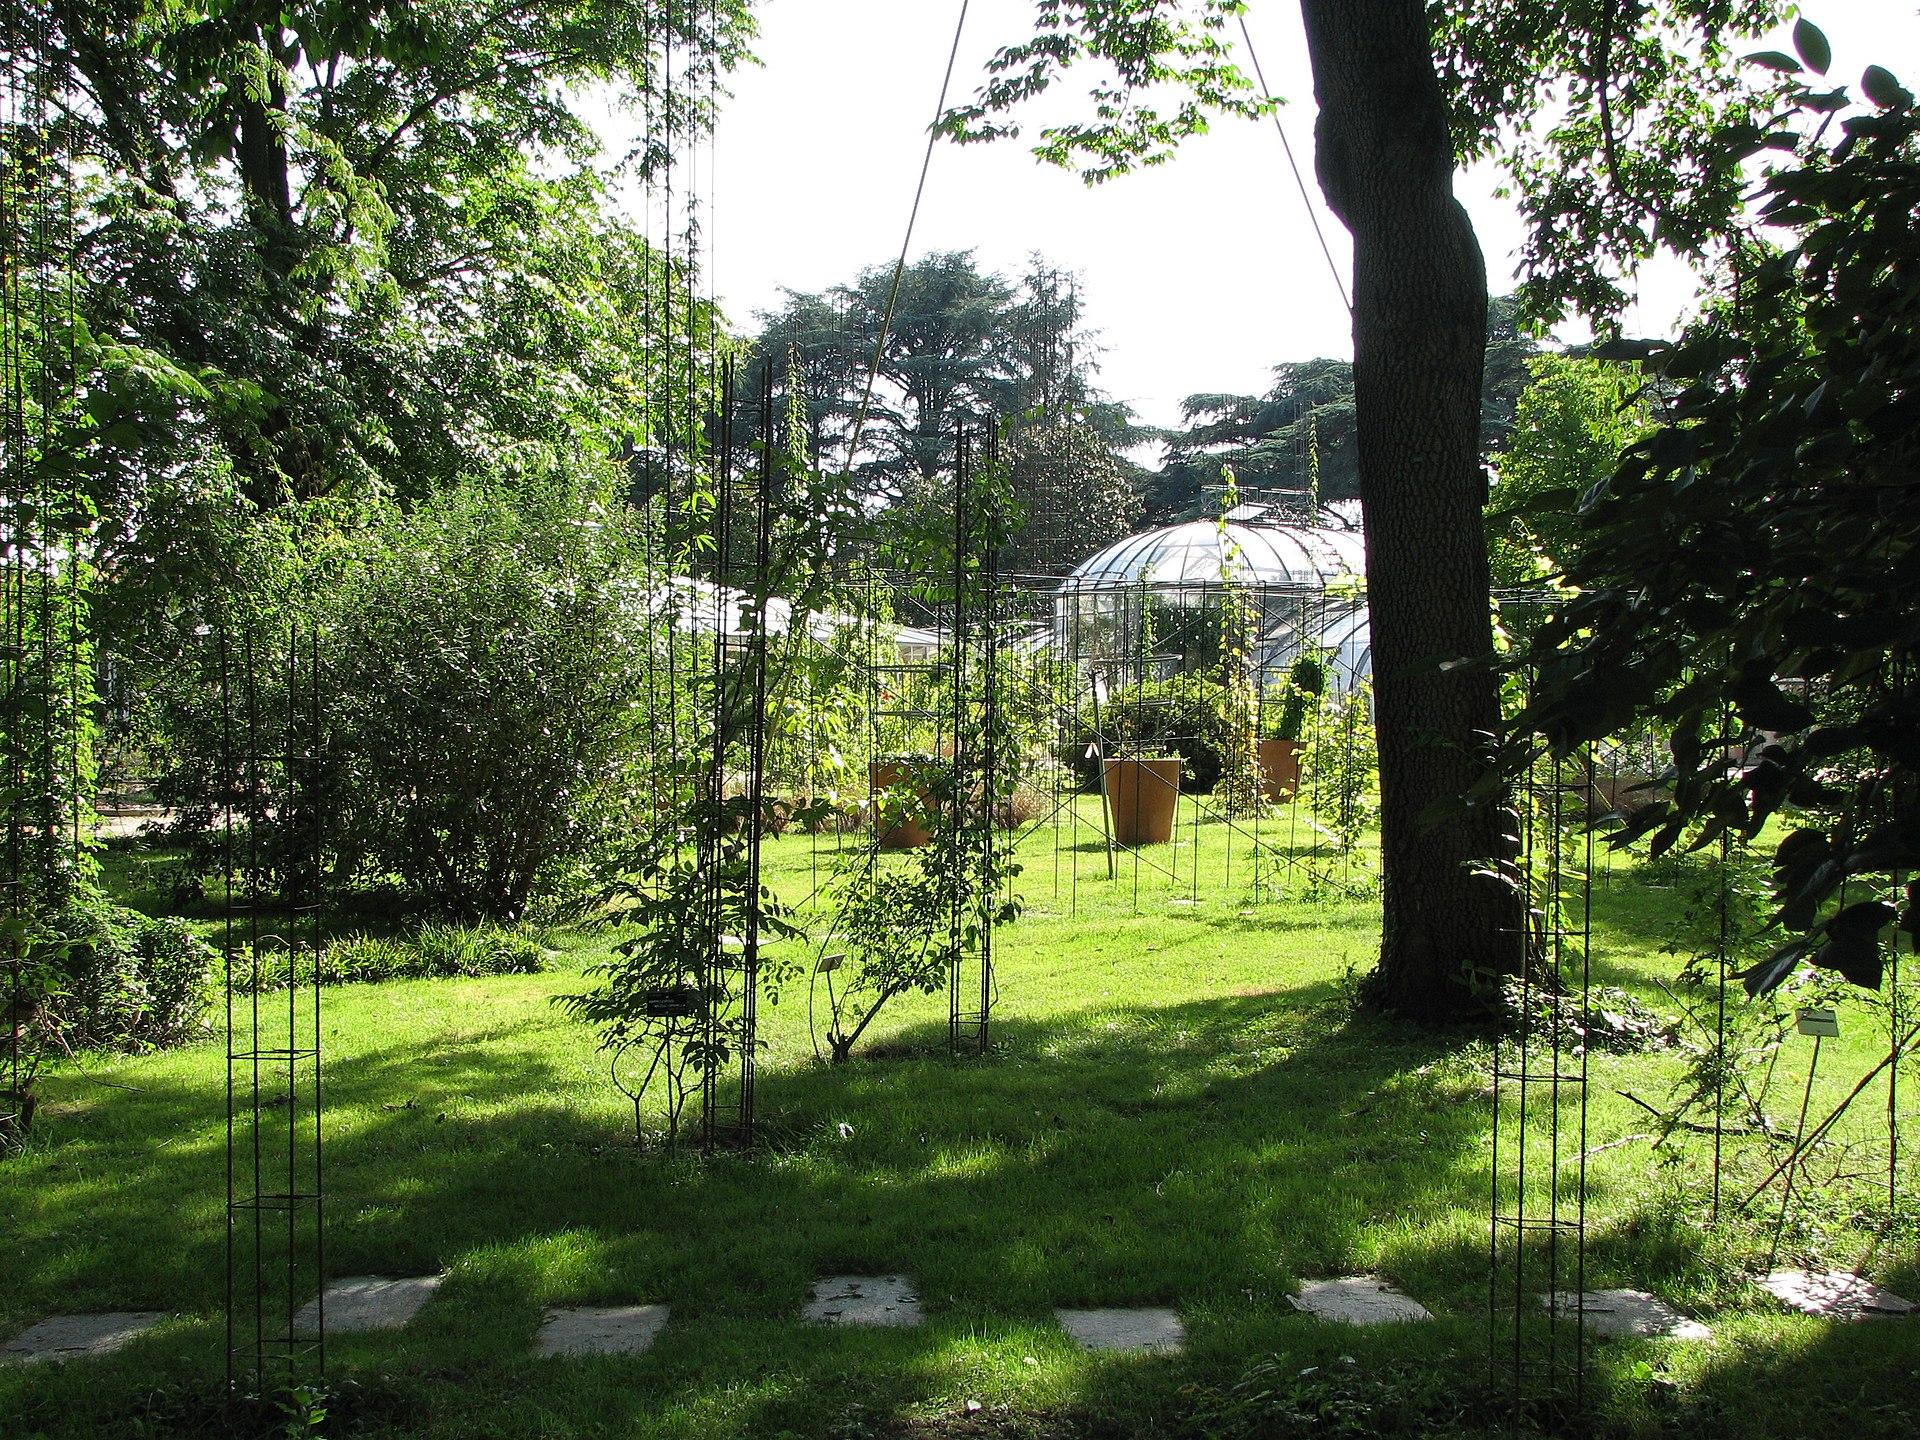 Jardin botanique de lyon wikip dia - Jardin villemanzy lyon lyon ...